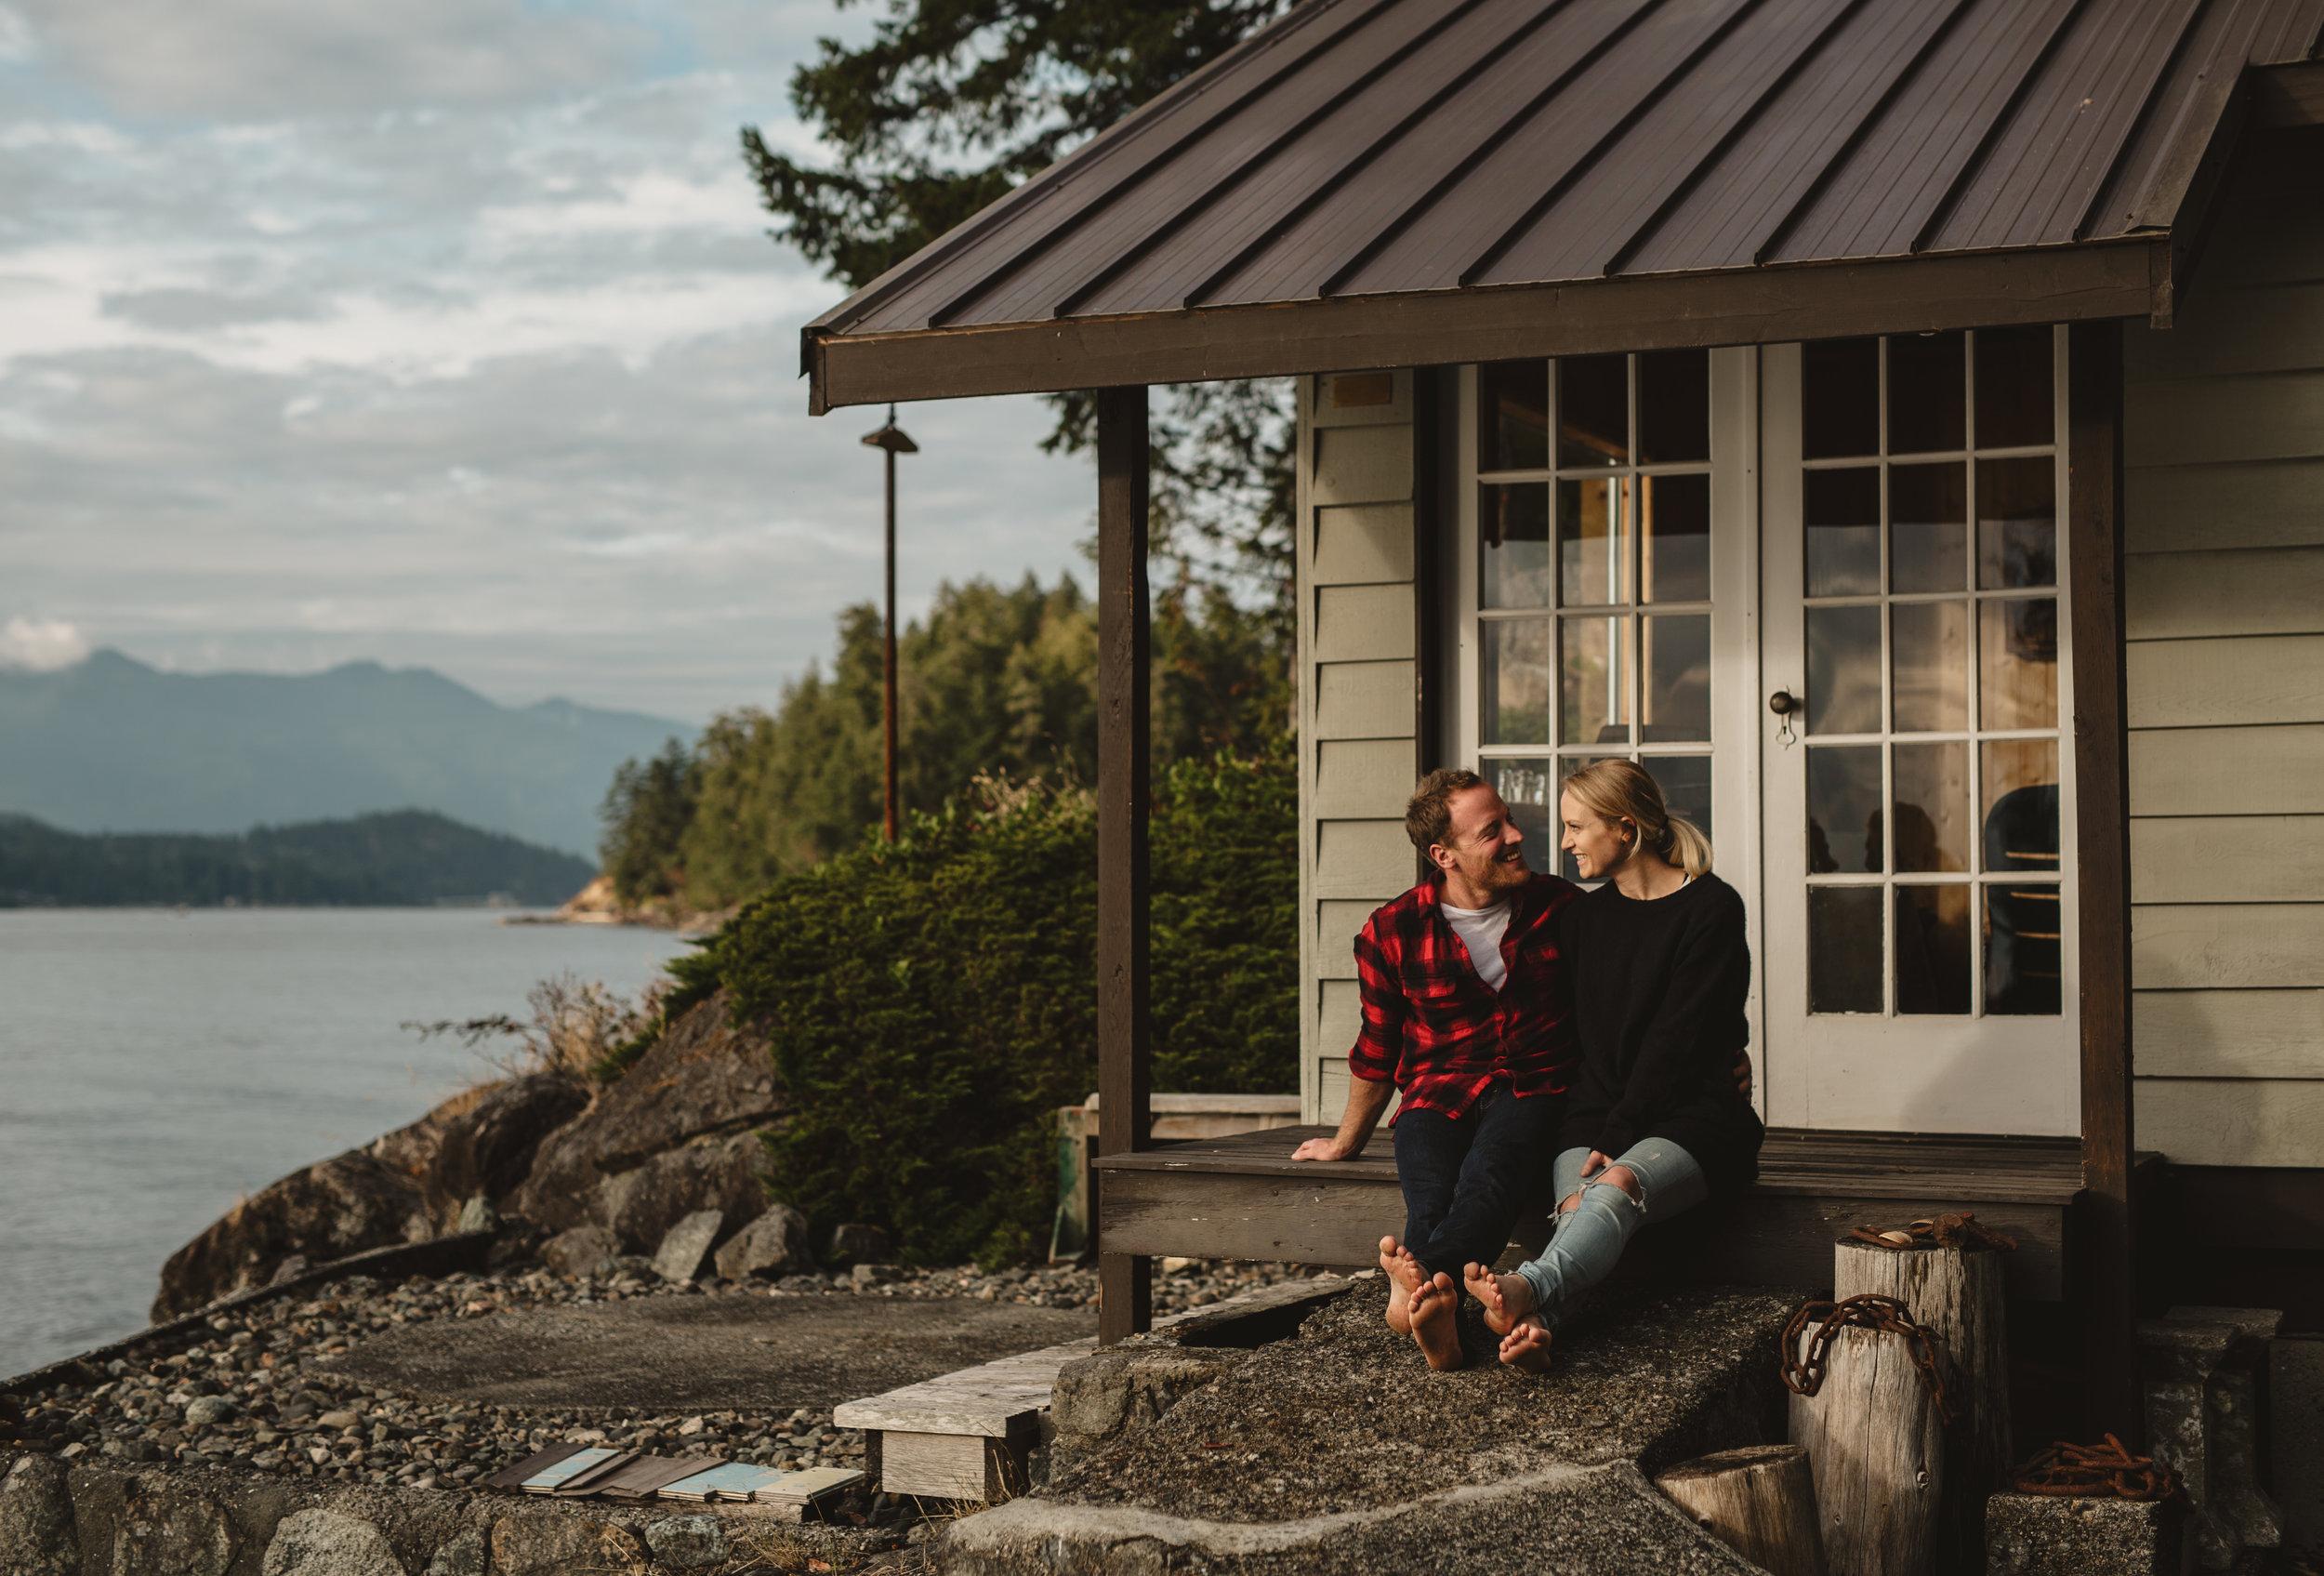 Keats Island Engagement Photos - Sunshine Coast Engagement Photos - Sunshine Coast Wedding Photographer - Vancovuer Wedding Photographer - Jennifer Picard Photography - IMG_9832.jpg